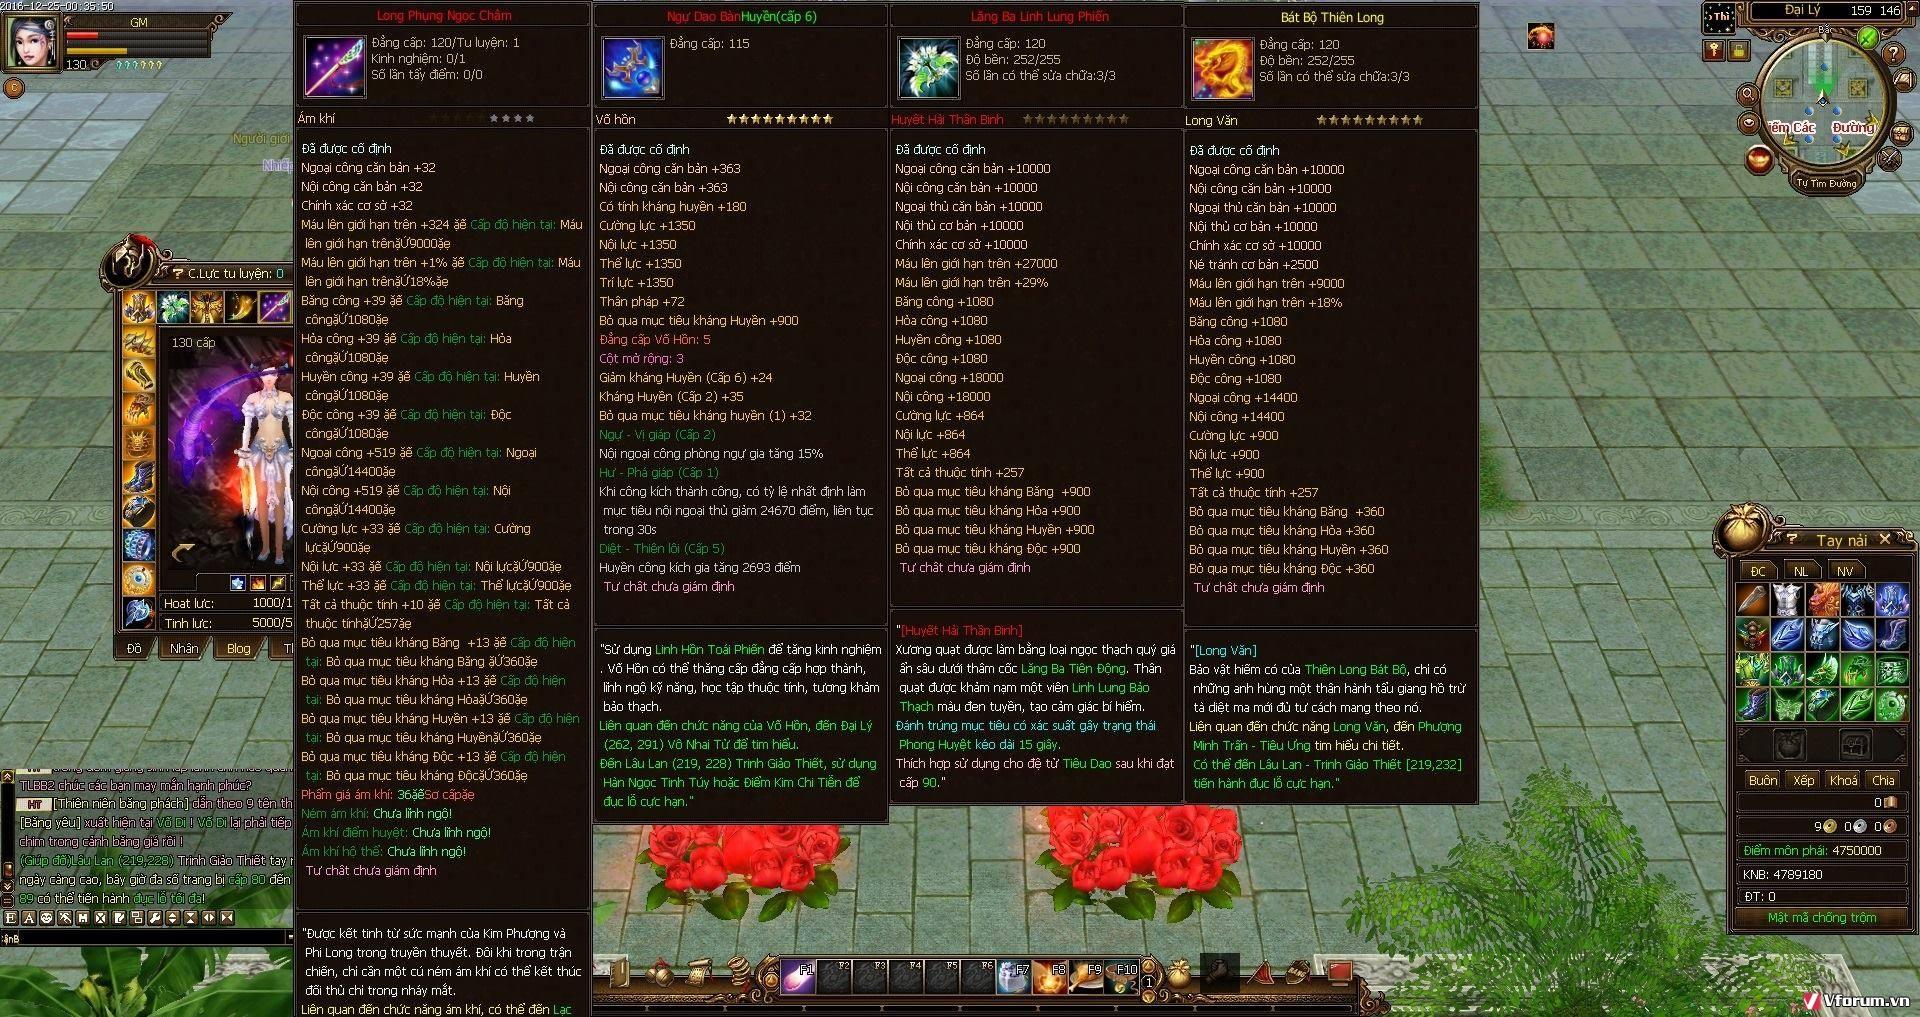 TL BÁ VƯƠNG - Cs 3.0 - OPEN 19H30 T3 21/11 - NHẬN CODE SHARE - SĂN ĐỒ VIP KHỦNG, DMP FREE - SPbdRb